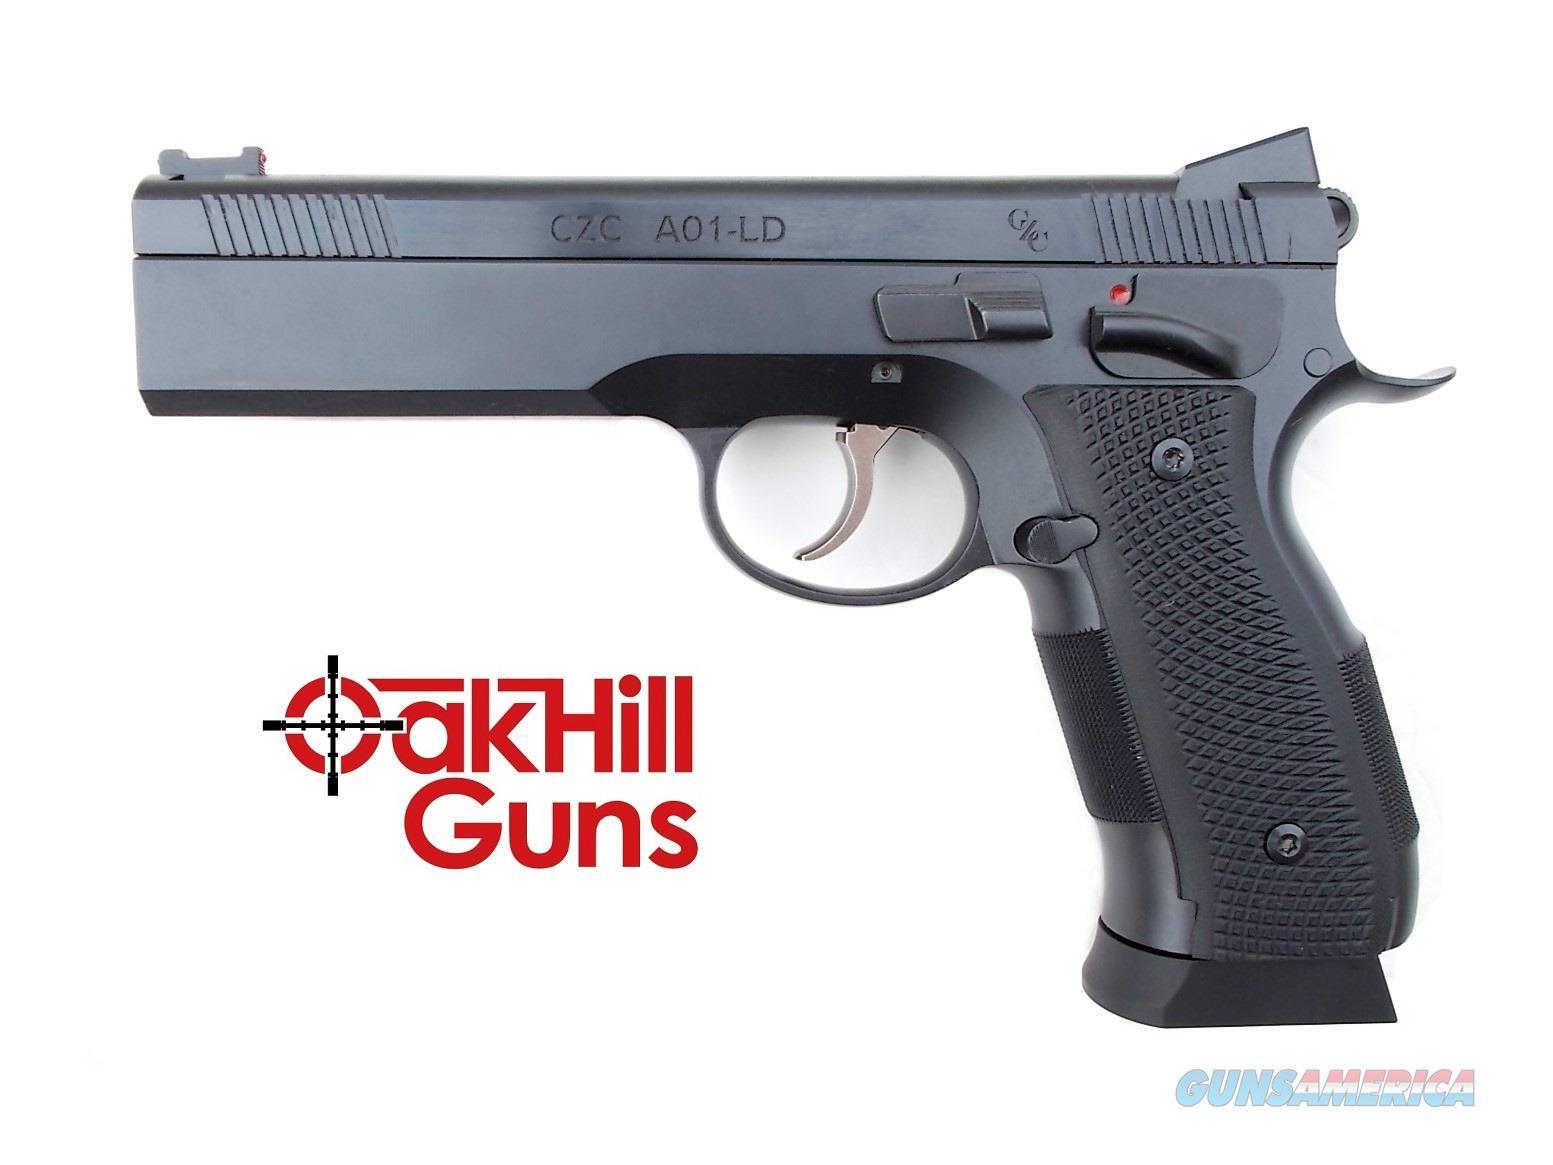 CZ Custom A01-LD 9mm CZC 19rd Bull Barrel 91731 *NEW*  Guns > Pistols > CZ Pistols